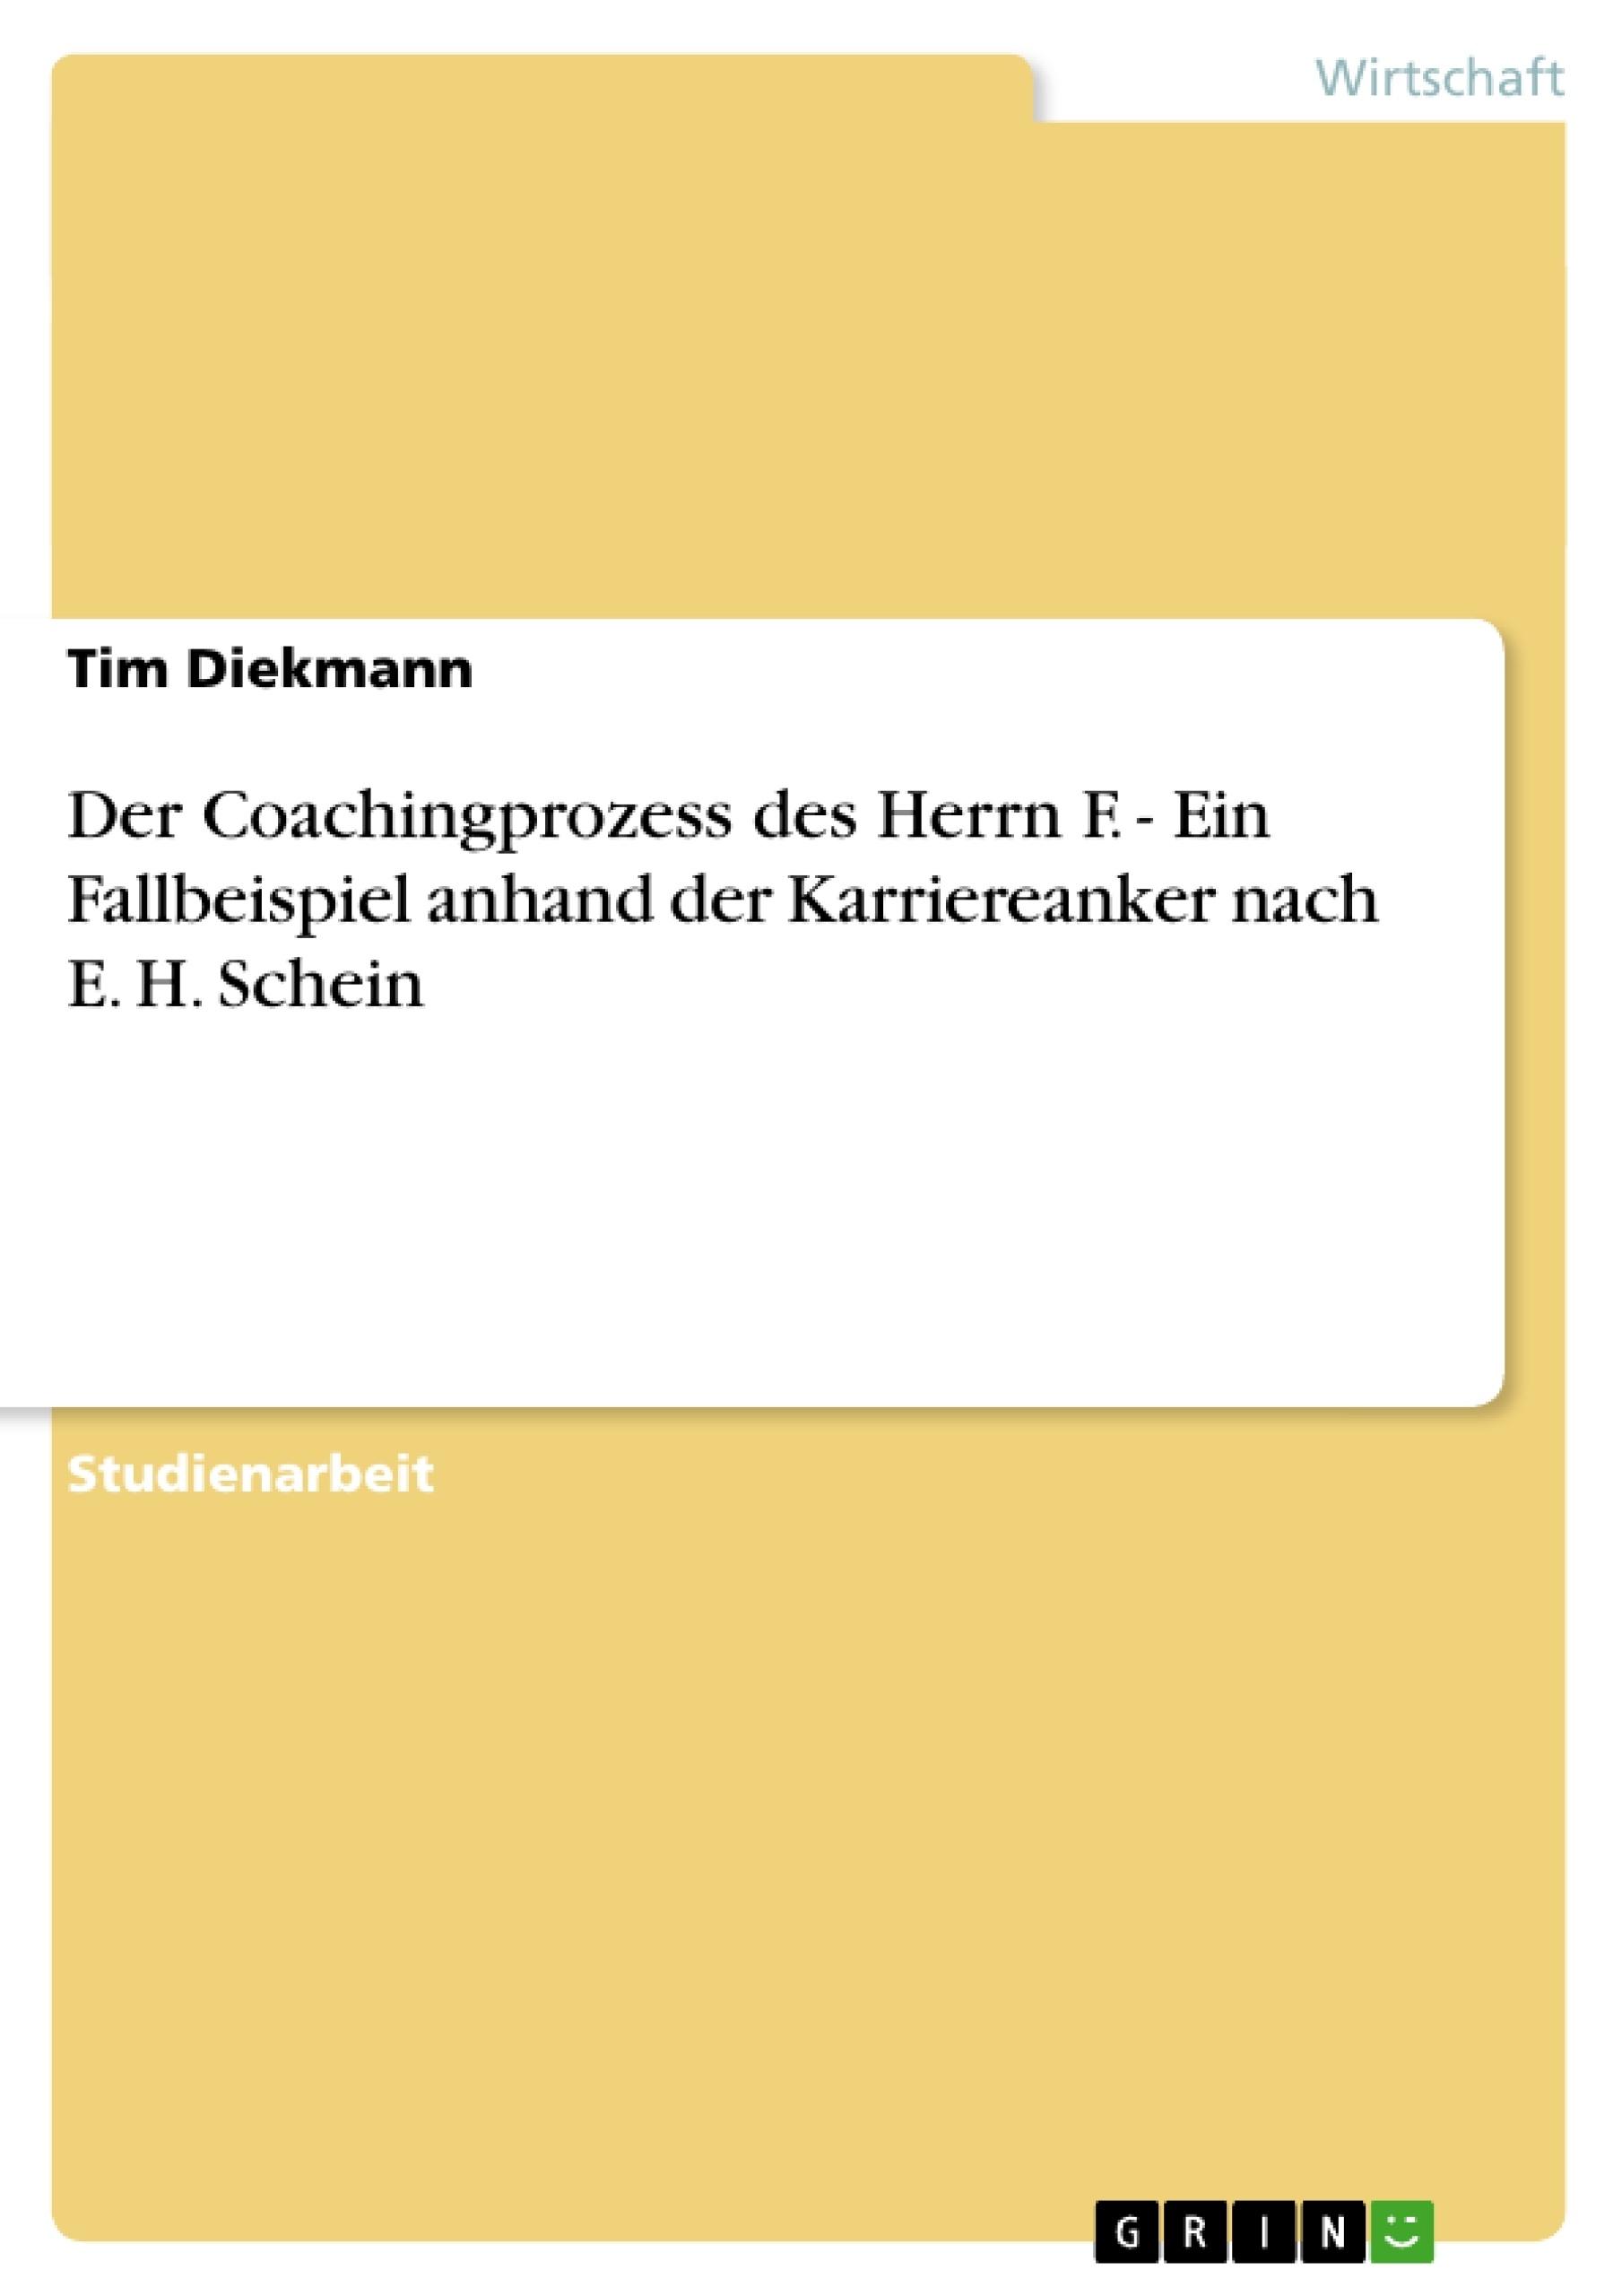 Titel: Der Coachingprozess des Herrn F. - Ein Fallbeispiel anhand der Karriereanker nach E. H. Schein